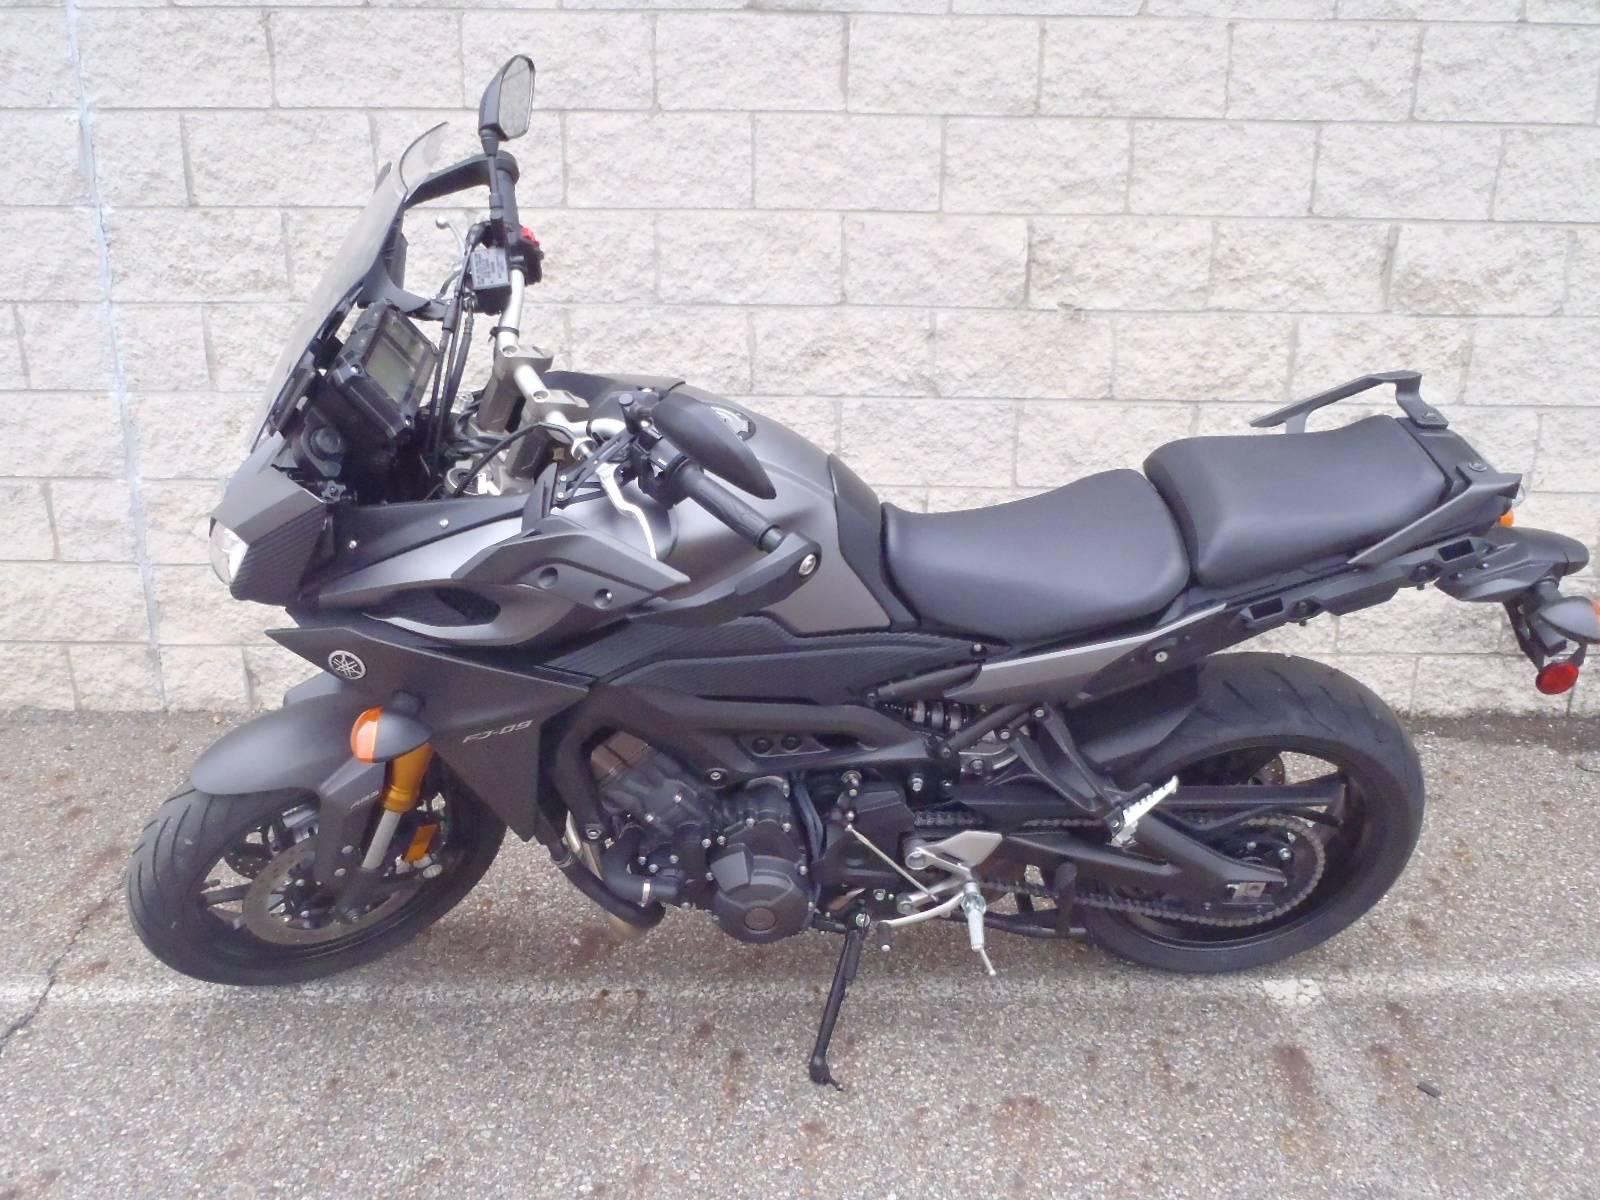 2015 Yamaha FJ-09 12